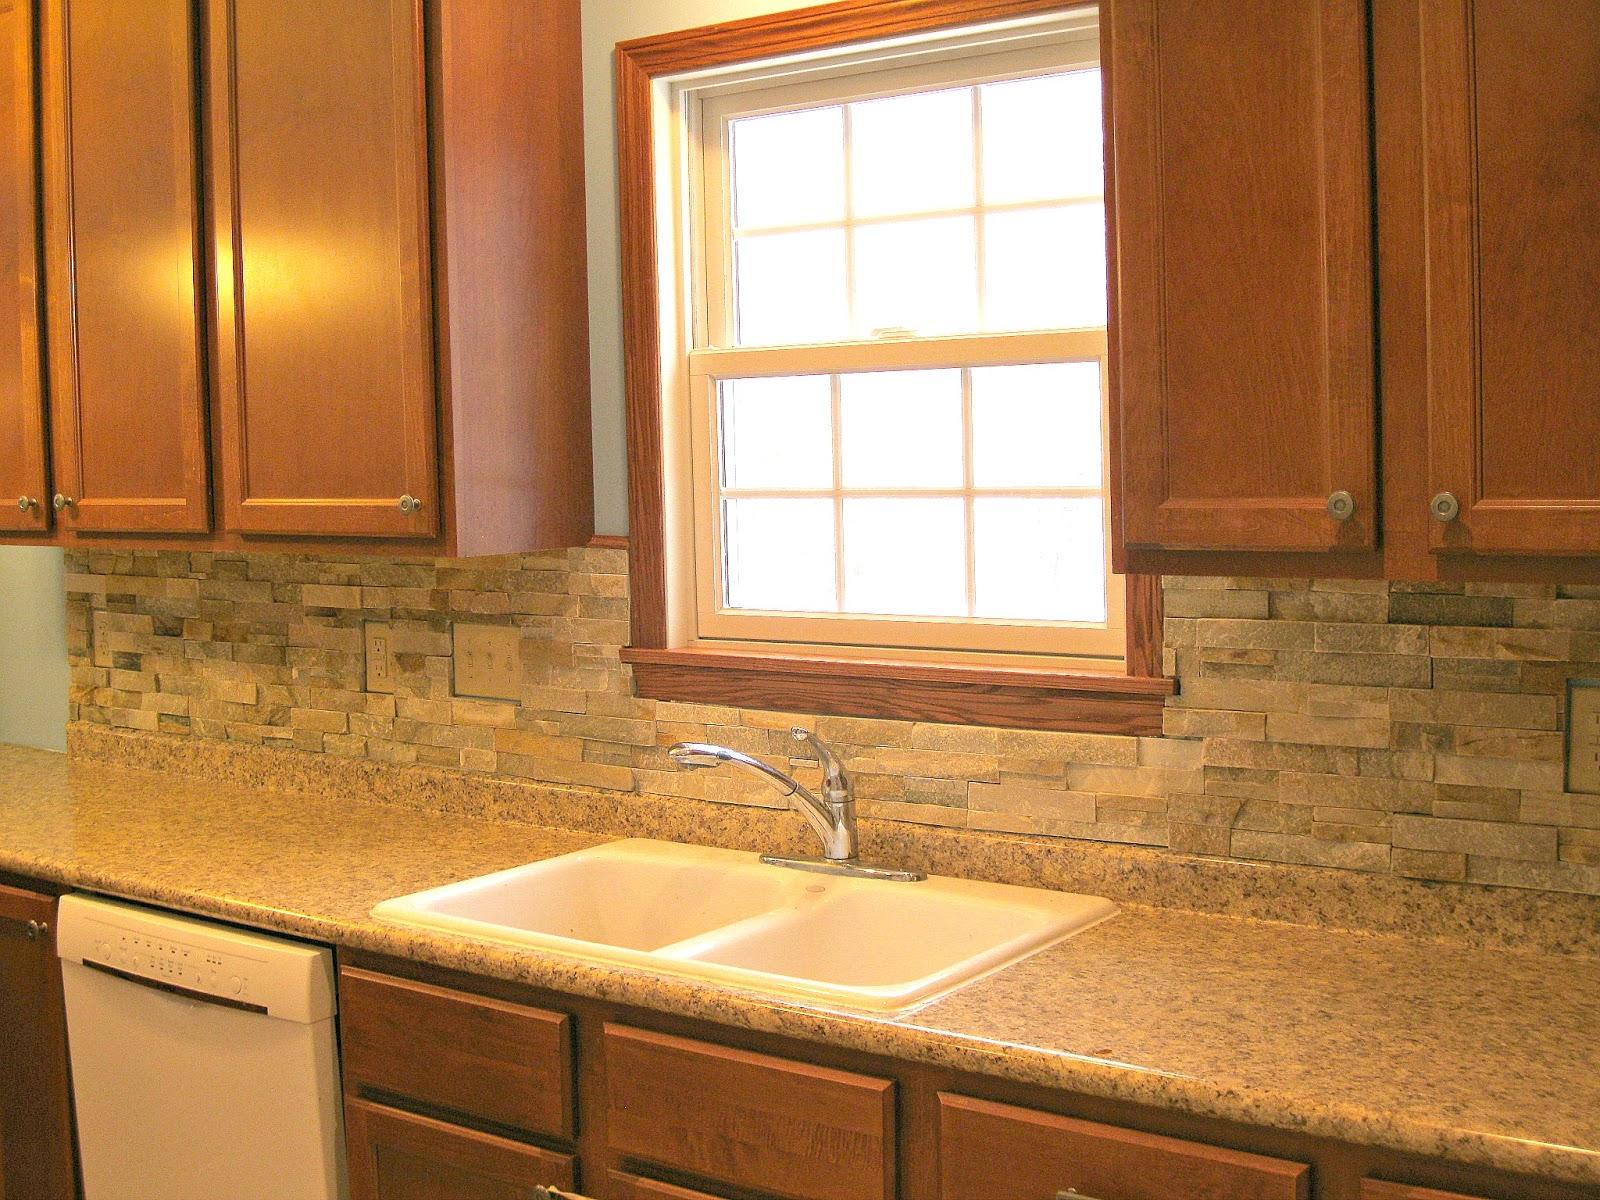 kitchen tile backsplash design ideas backsplash for kitchens Kitchen Tile Backsplash Design Ideas